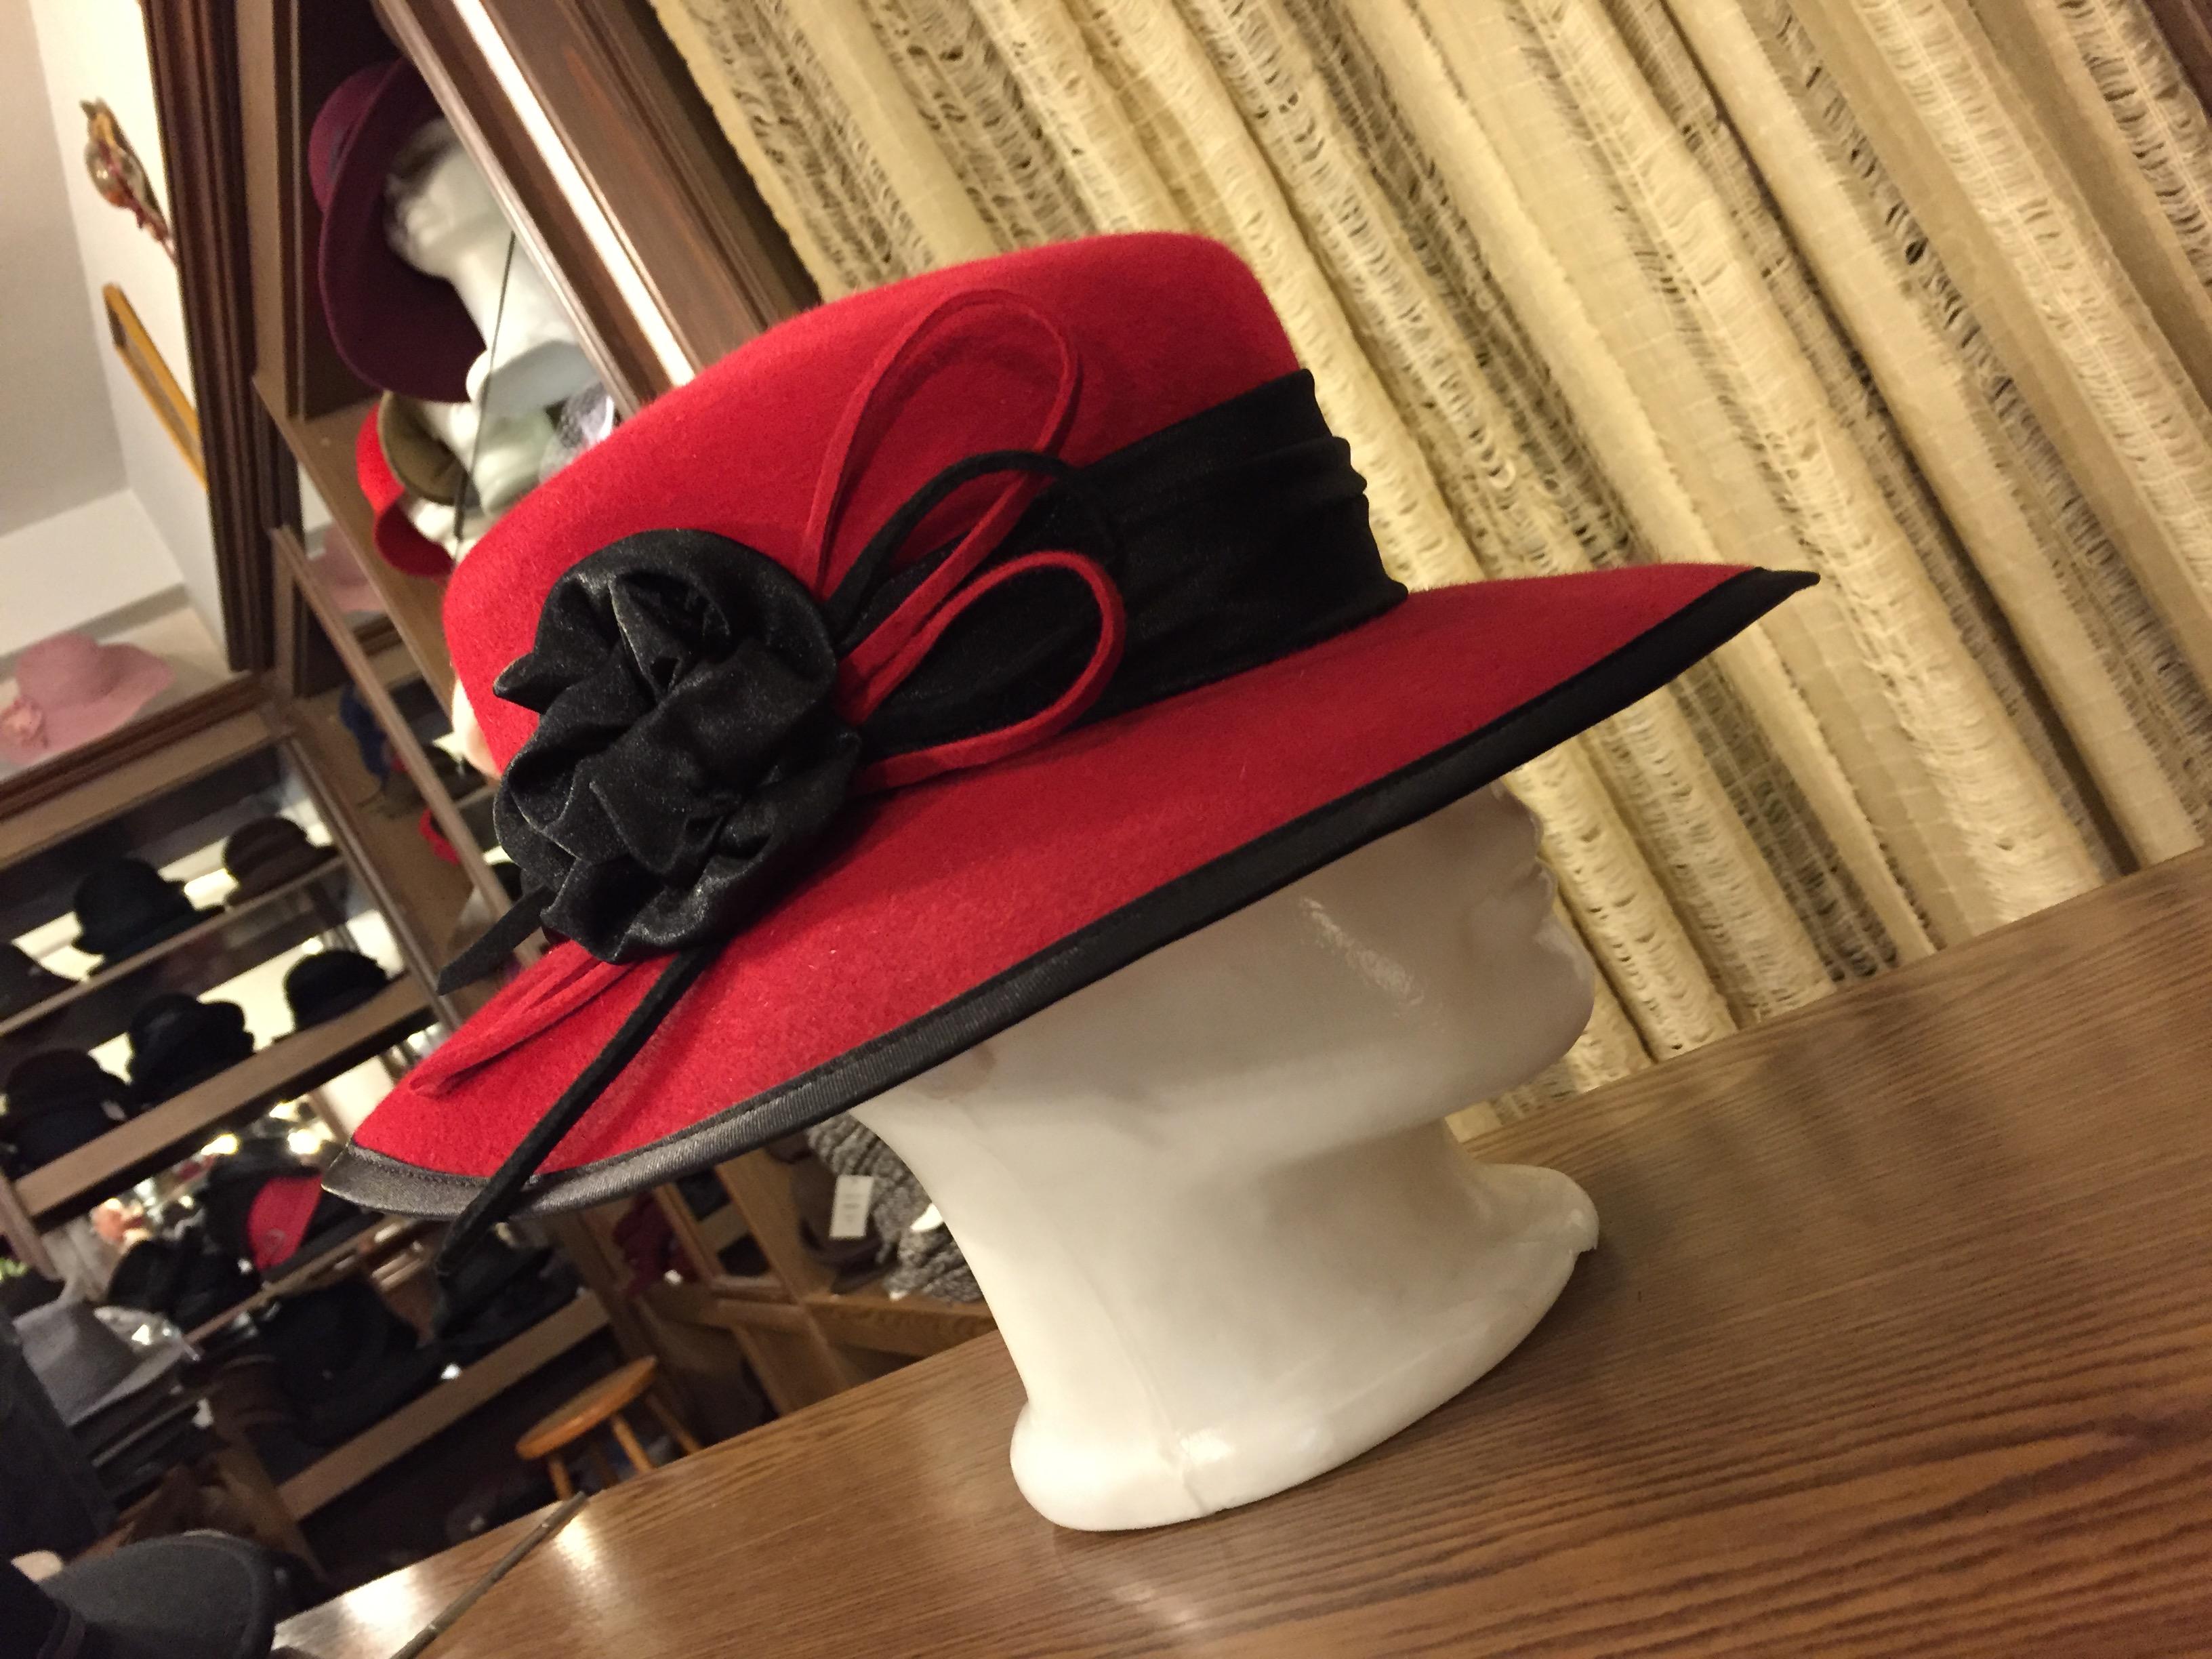 Kalapszalonok Budapesten Judit kalapszalon. Kalapszalon. Női és Férfi  kalapok hatalmas választékban. 627353f5af